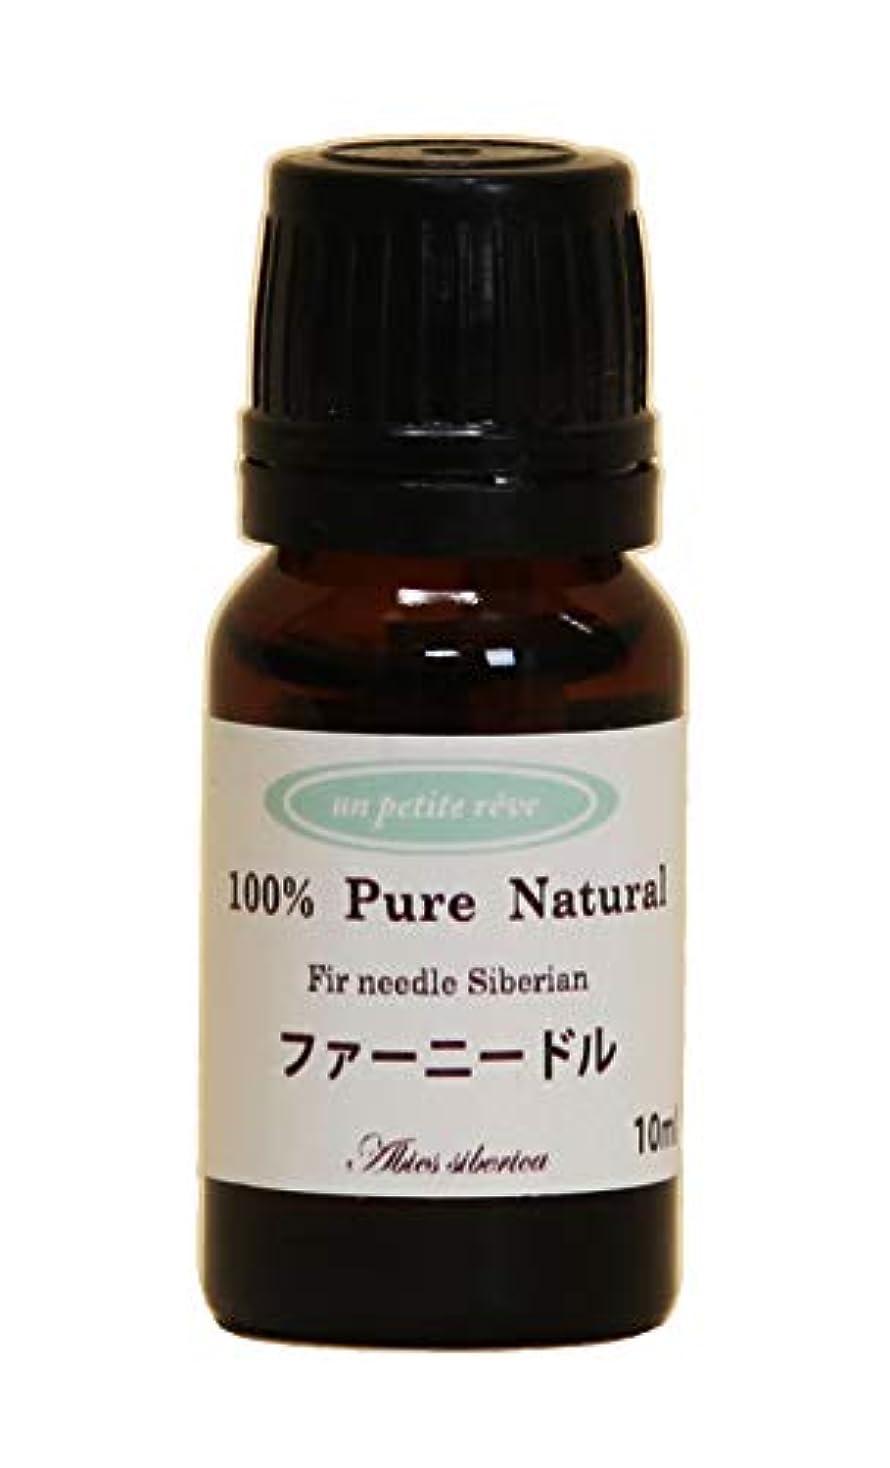 灌漑政治的ヨーロッパファーニードル(シベリアモミ) 10ml 100%天然アロマエッセンシャルオイル(精油)